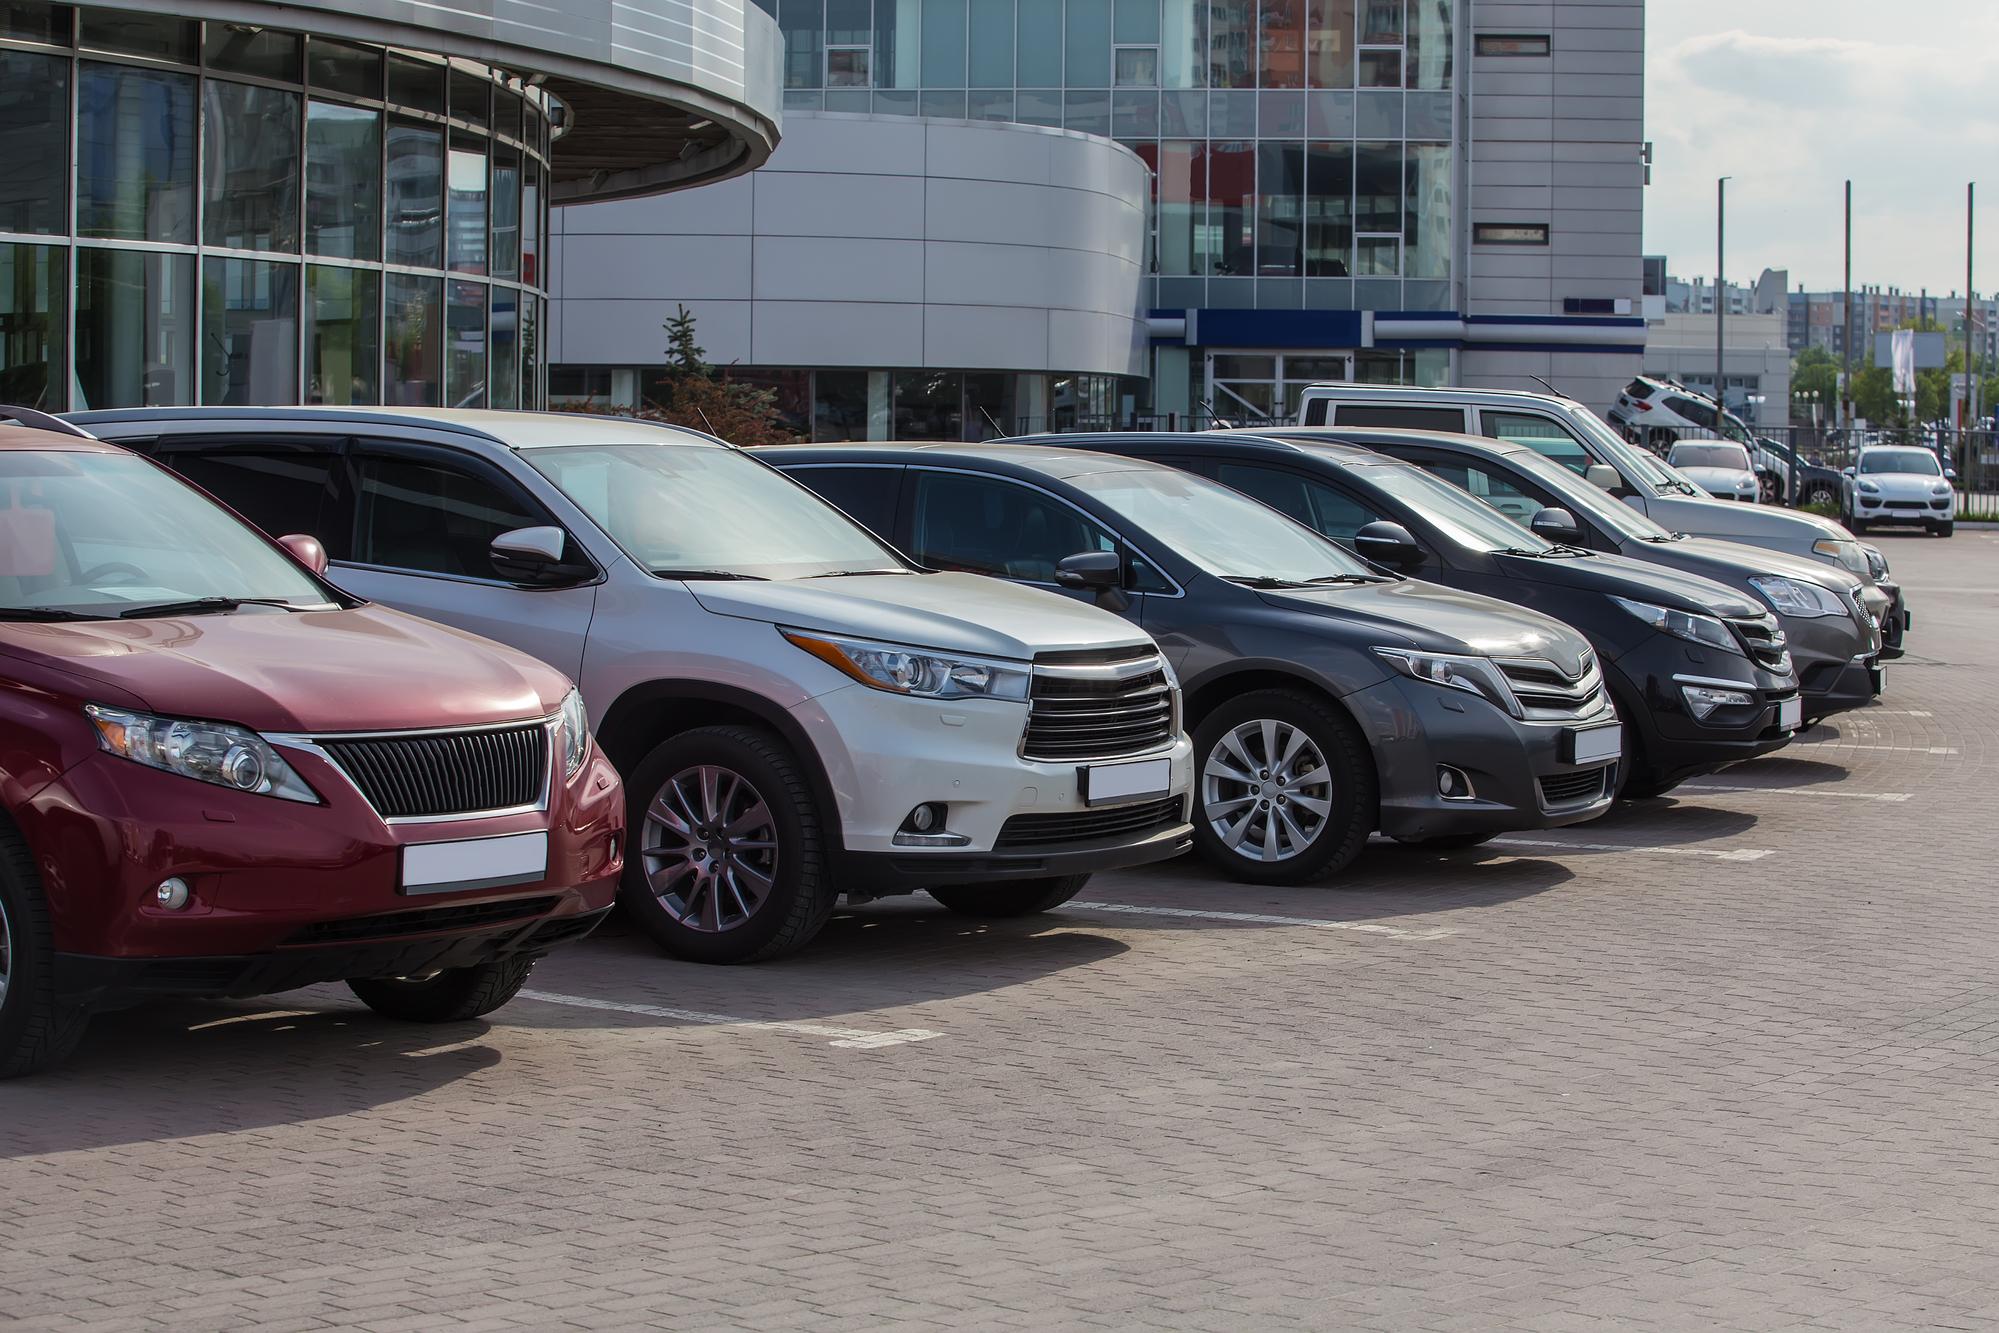 Продавцы обнаглели: цены на подержанные машины взлетели на 33%